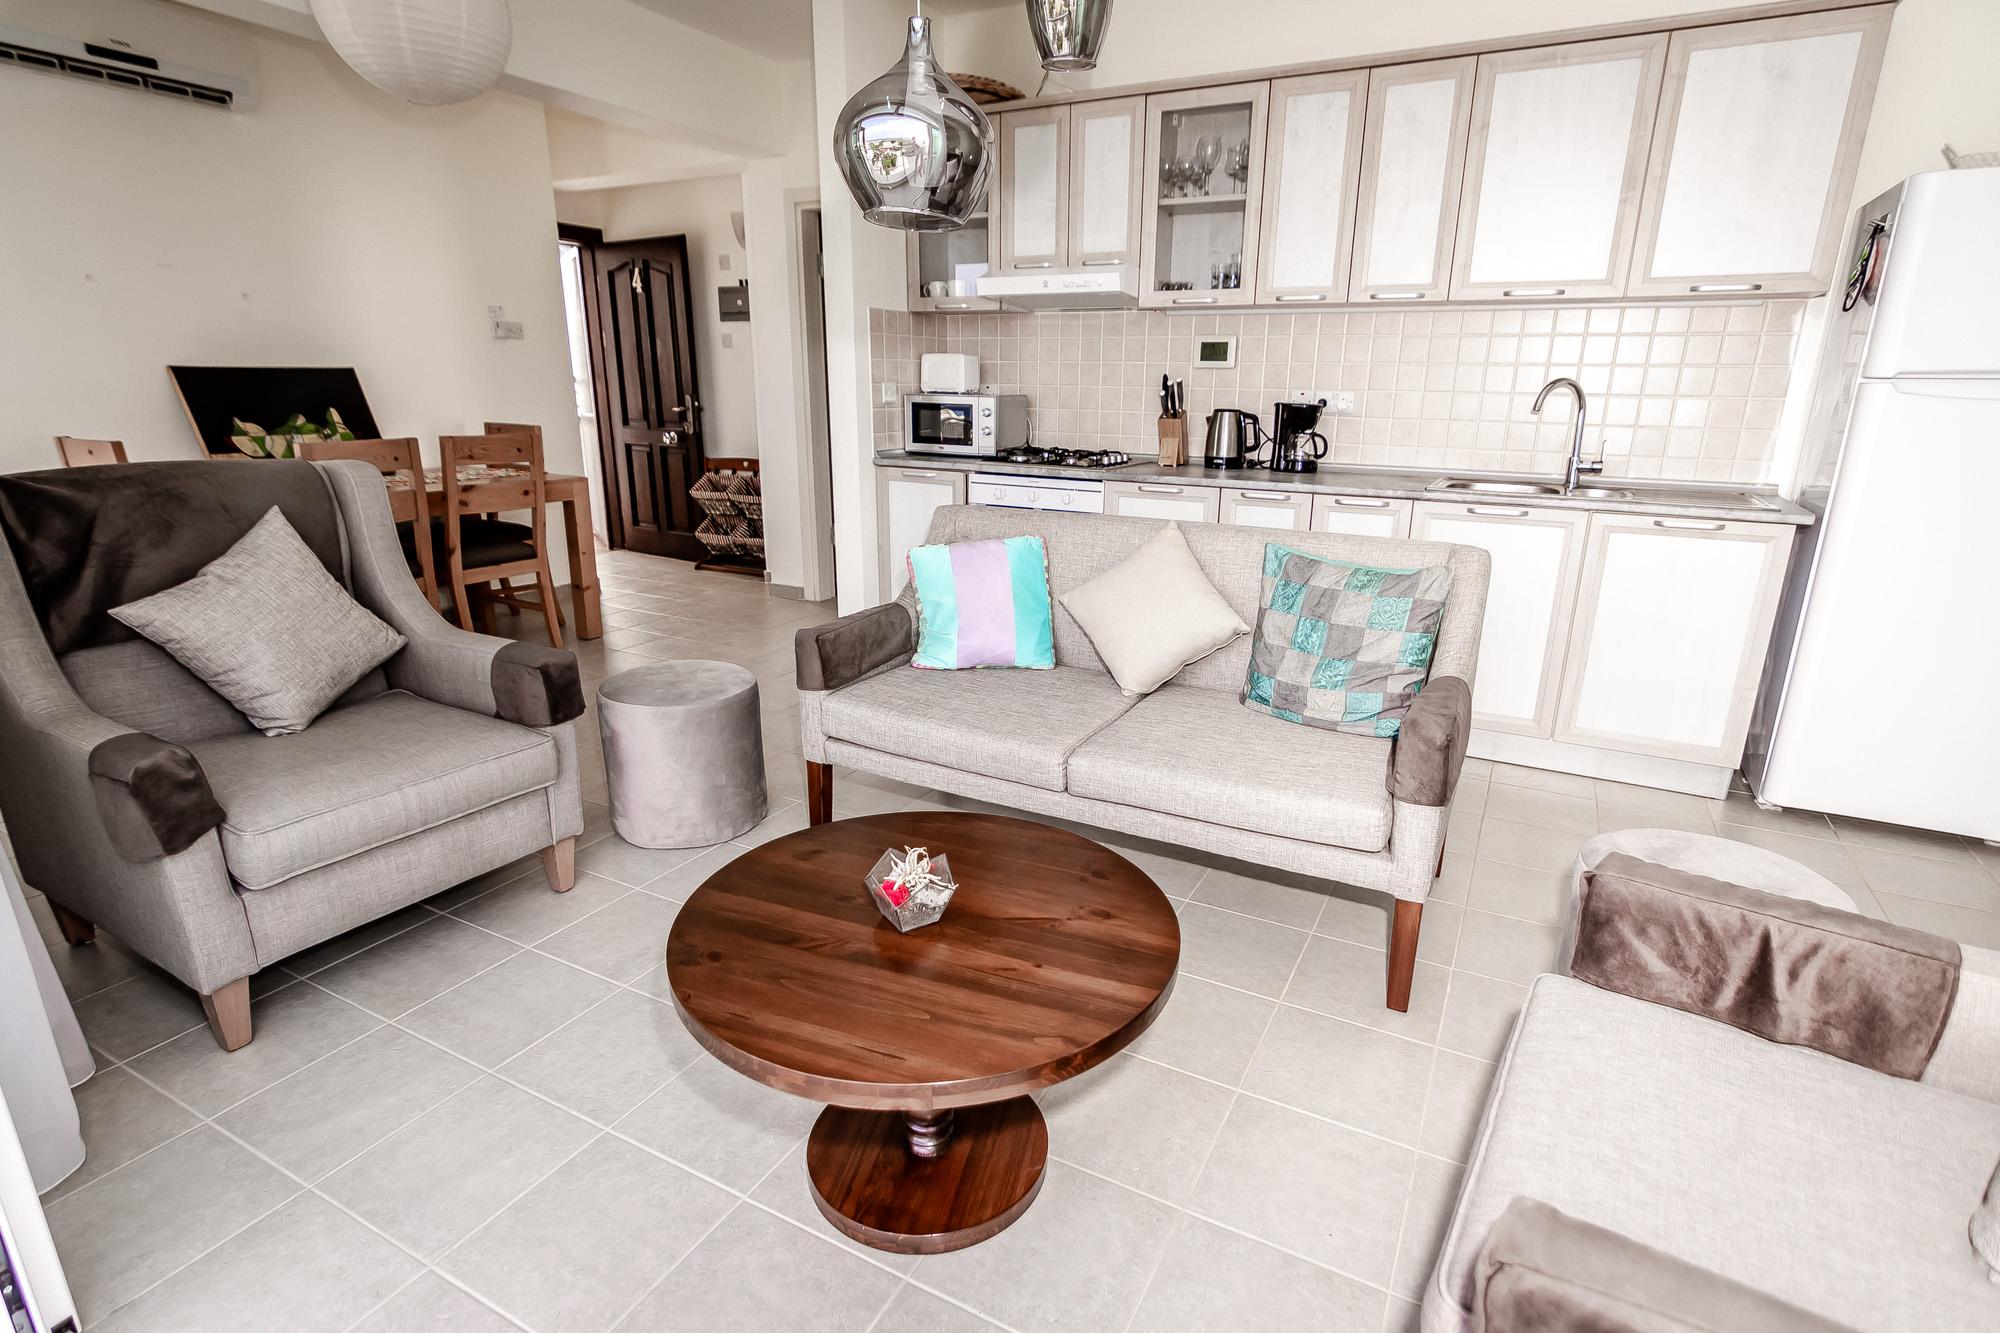 Apartment Joya Cyprus Moonlit Penthouse Apartment photo 20343065